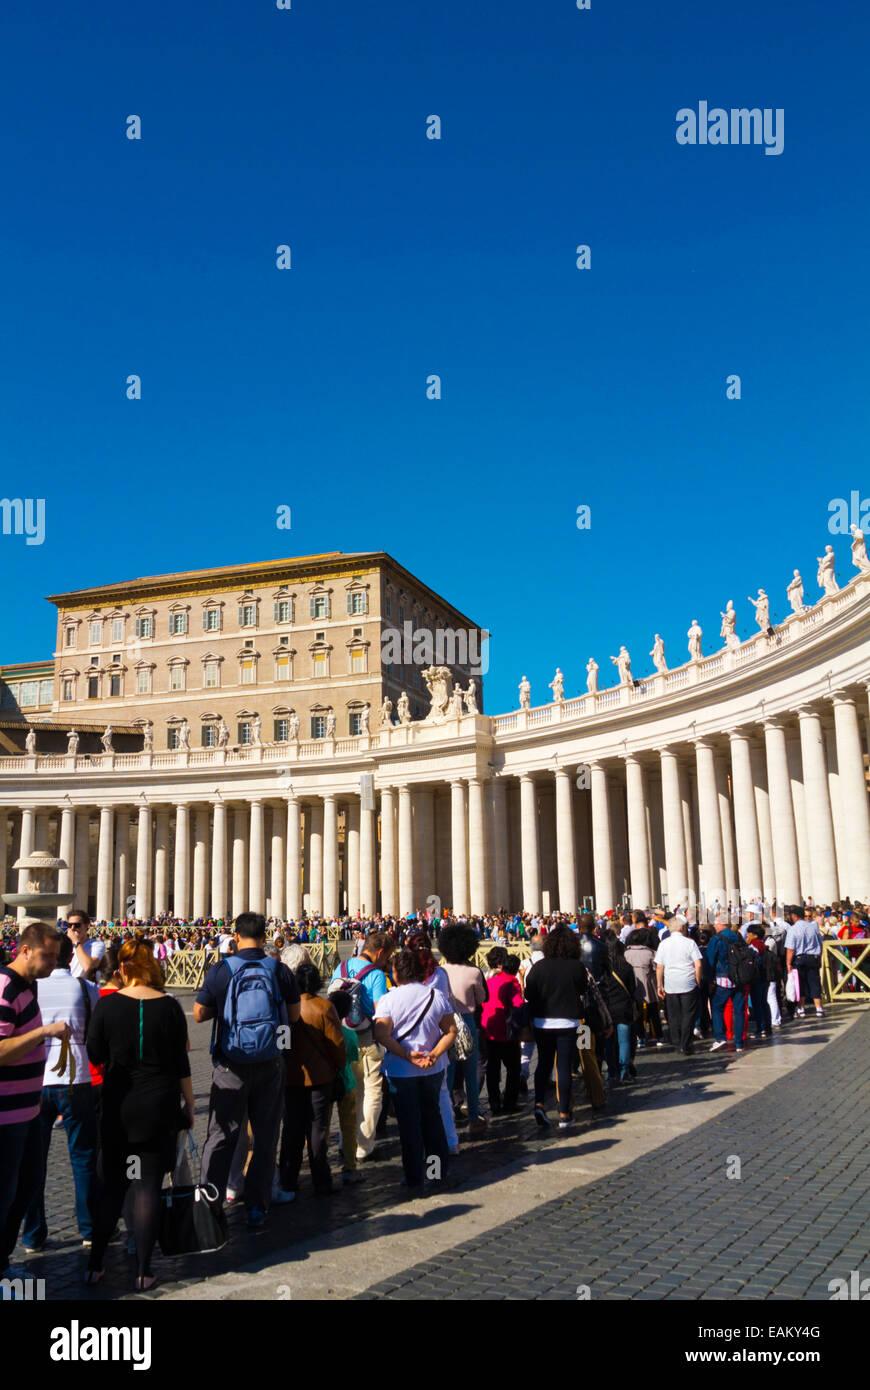 File d'attente à la basilique St Pierre, Piazza San Pietro, la place Saint Pierre, le Vatican, Rome, Italie Photo Stock